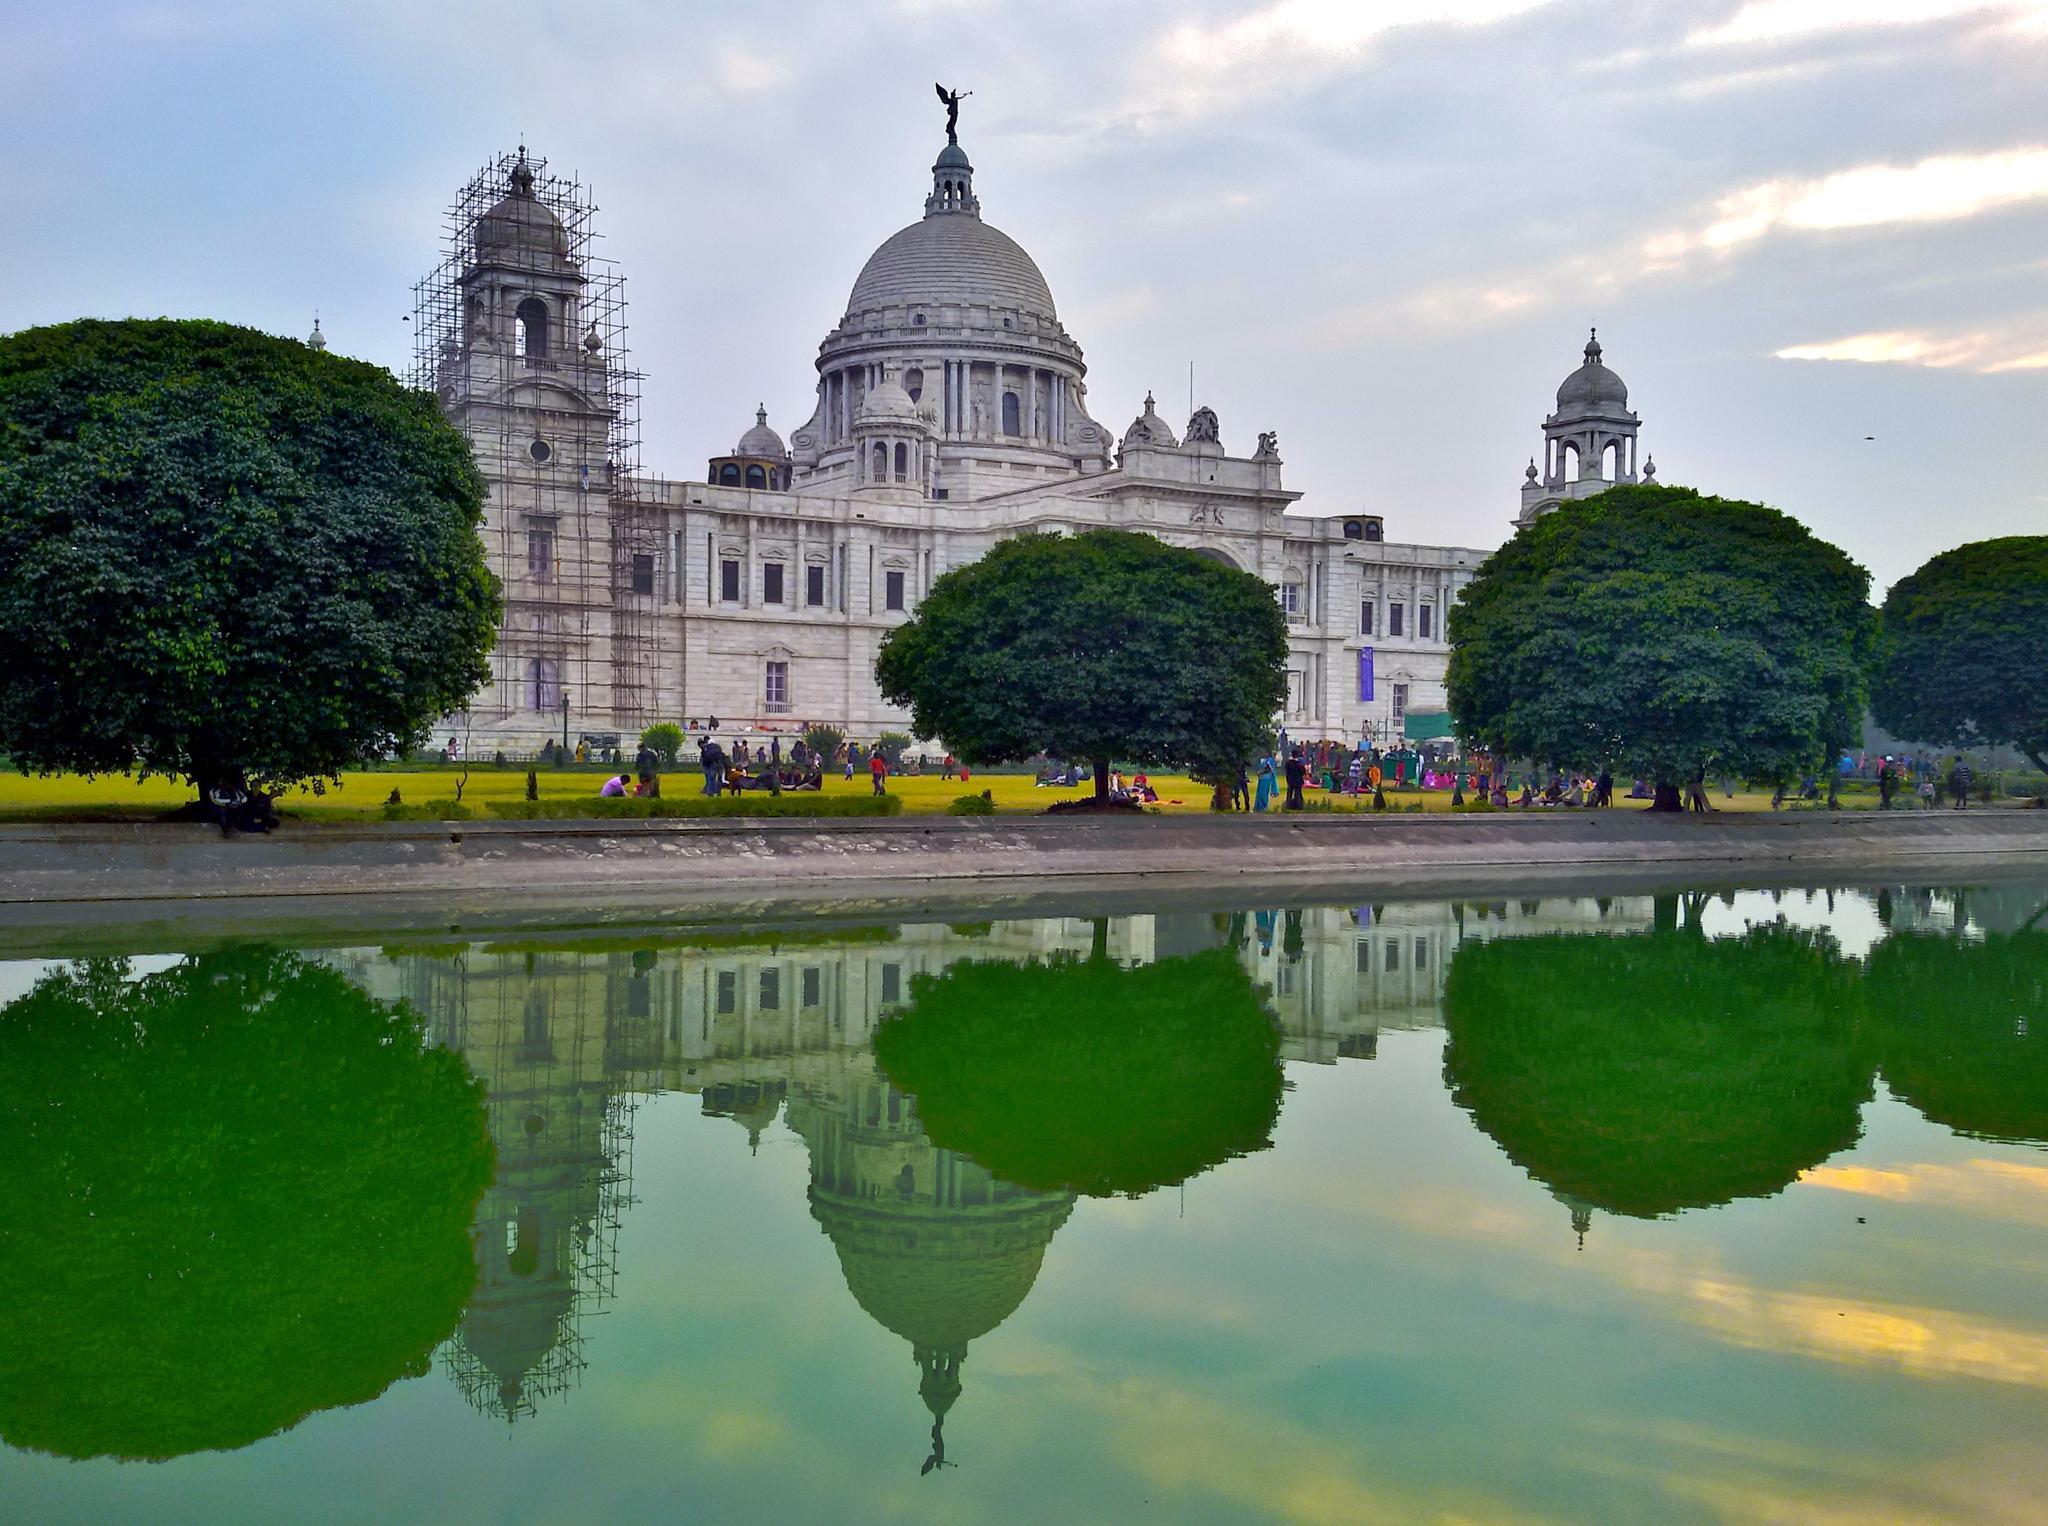 Victoria Memorial by Manab Das